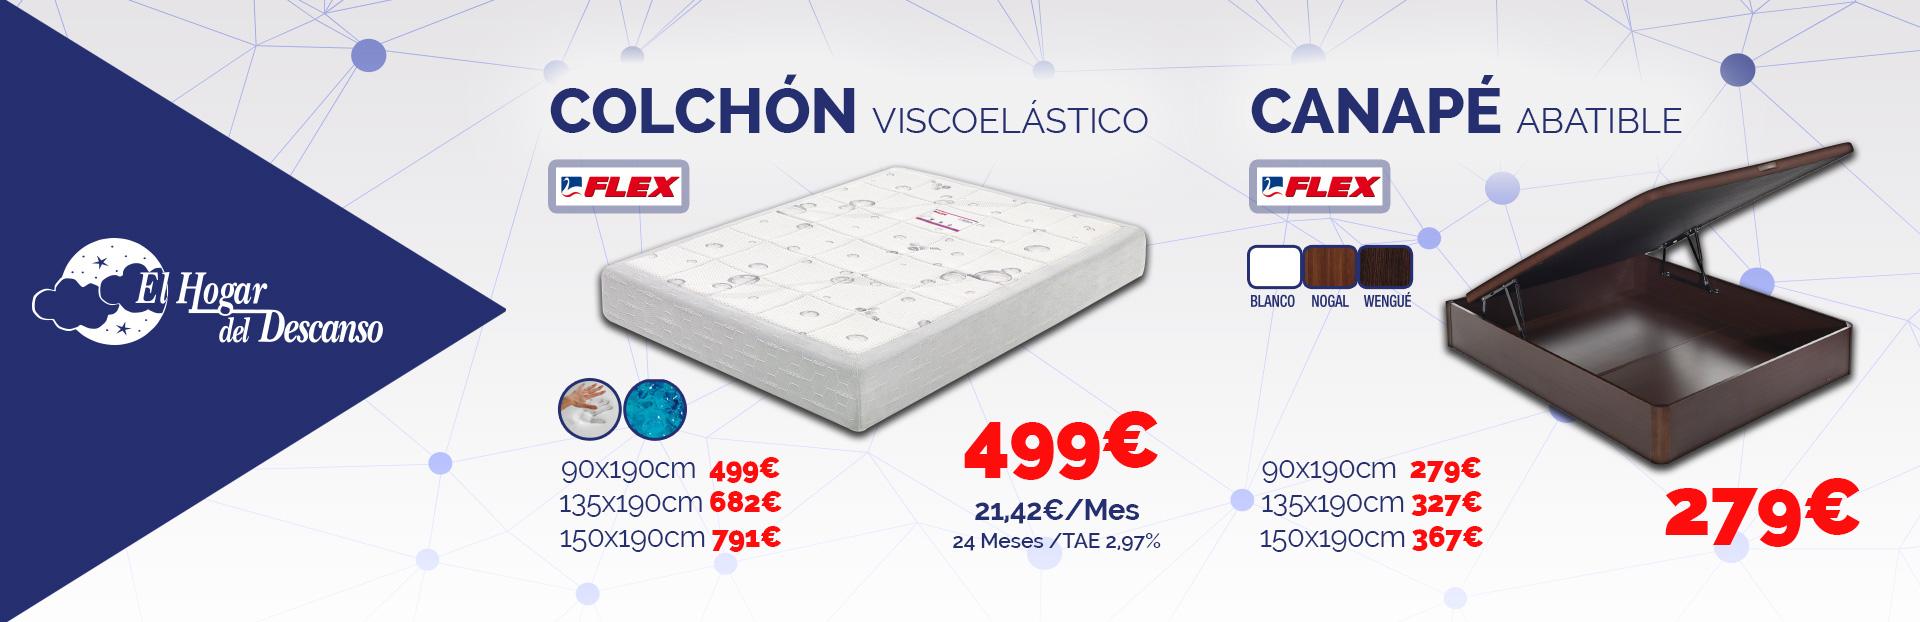 Colch n y canap flex promociones flex almer a el hogar for Colchon y canape